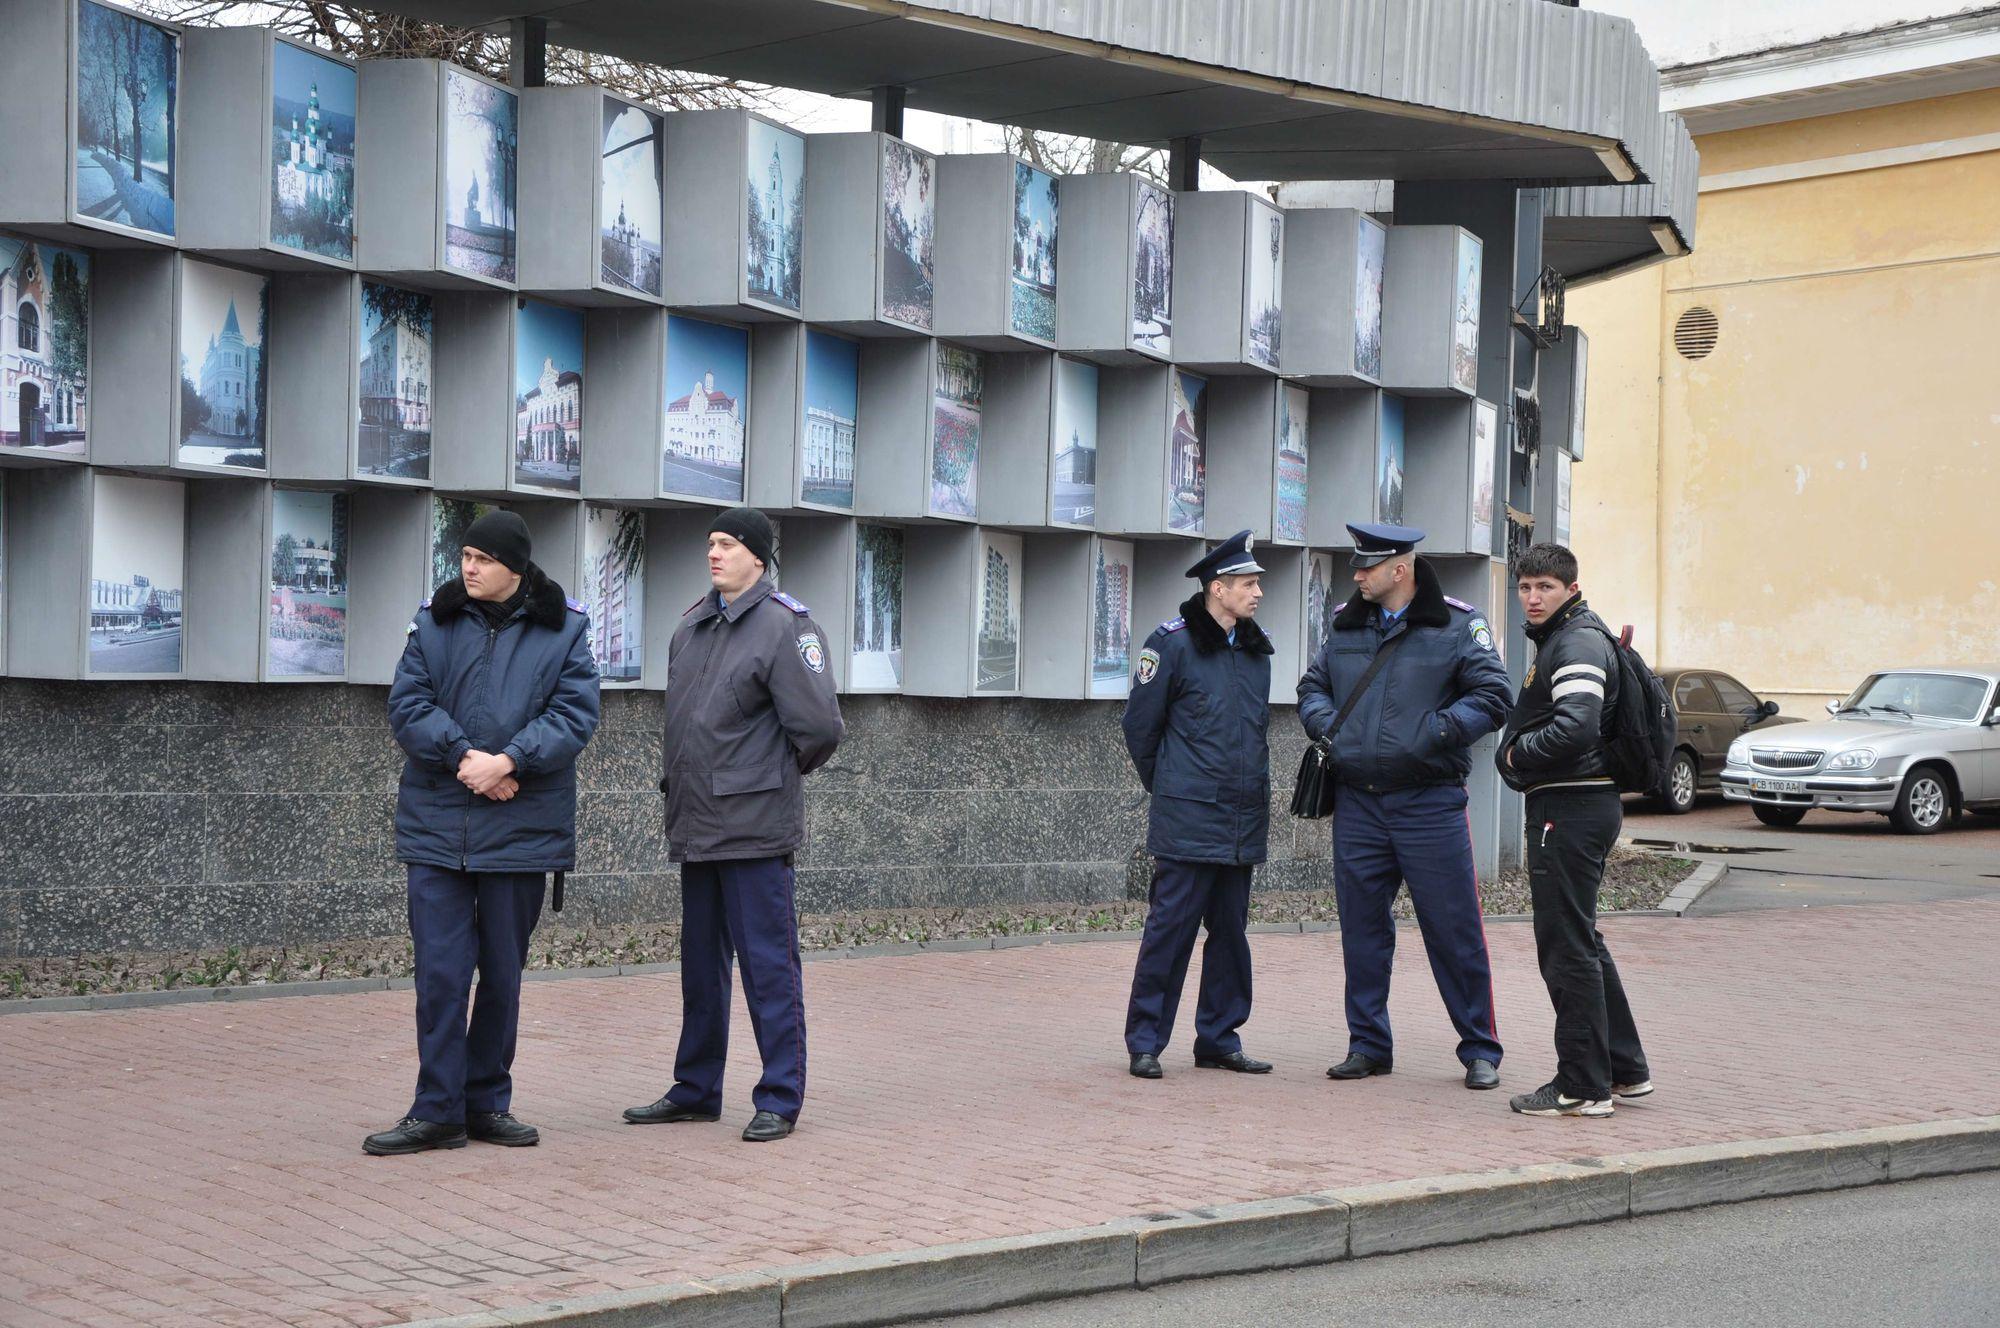 Навіть мирний мітинг під пильним оком правоохоронців